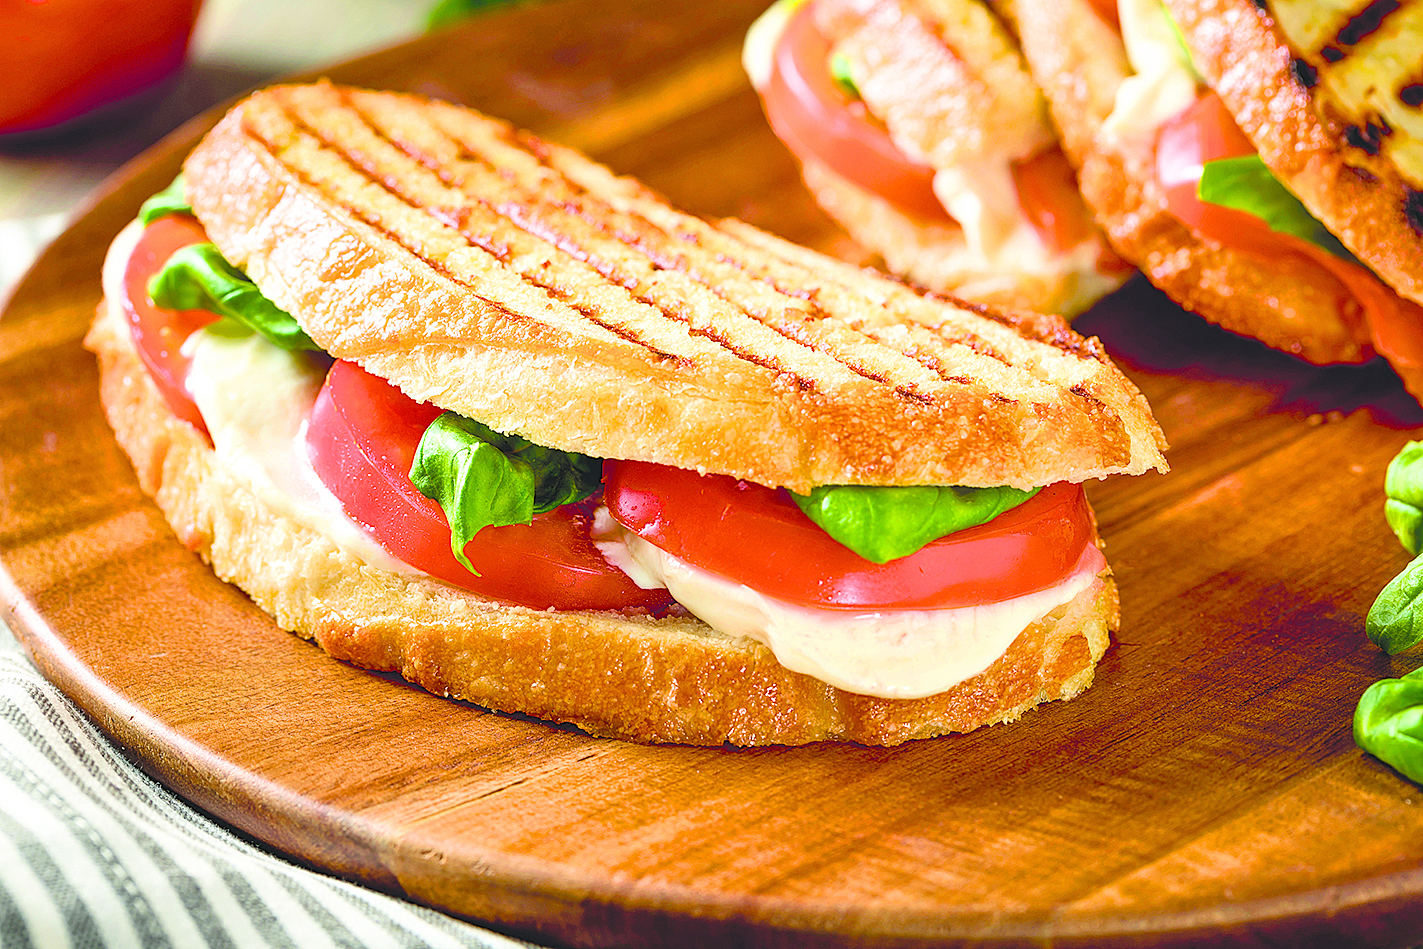 這道卡布里帕尼尼(Caprese Panini)是由切片莫薩里拉芝士、番茄和甜羅勒製成。